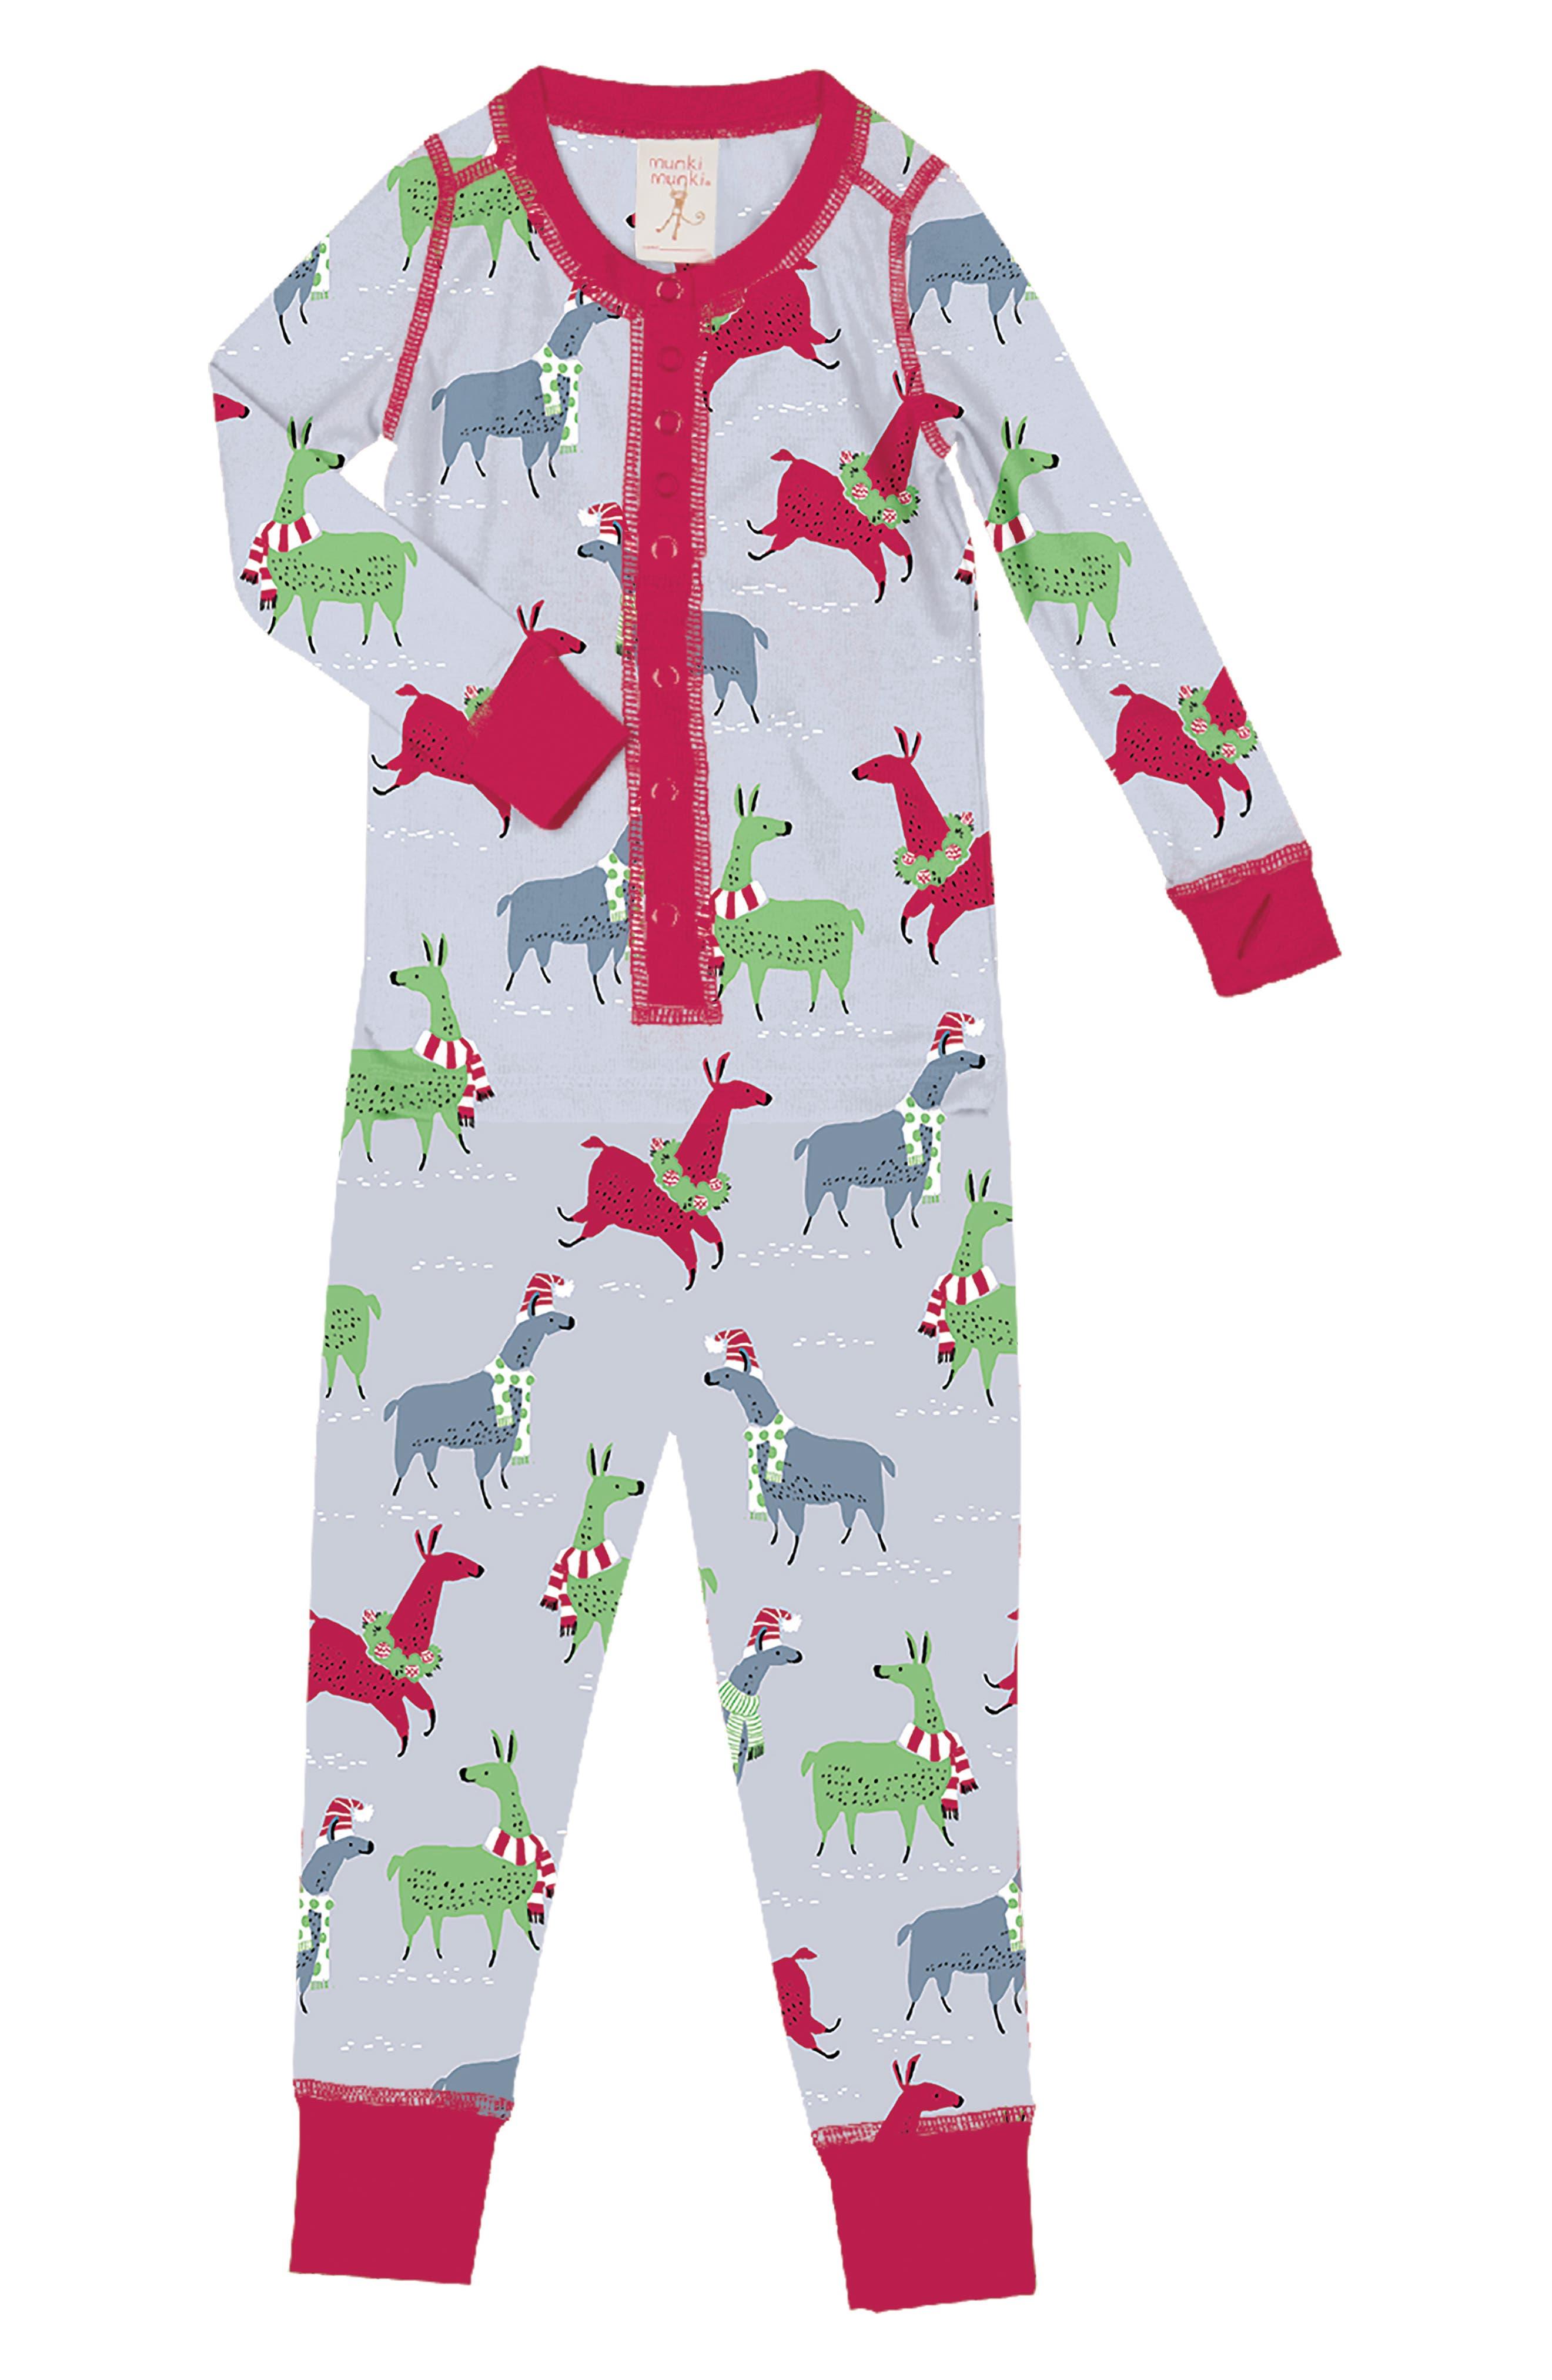 Toddler Girls Munki Munki Llamas Fitted OnePiece Pajamas Size 2T  Grey